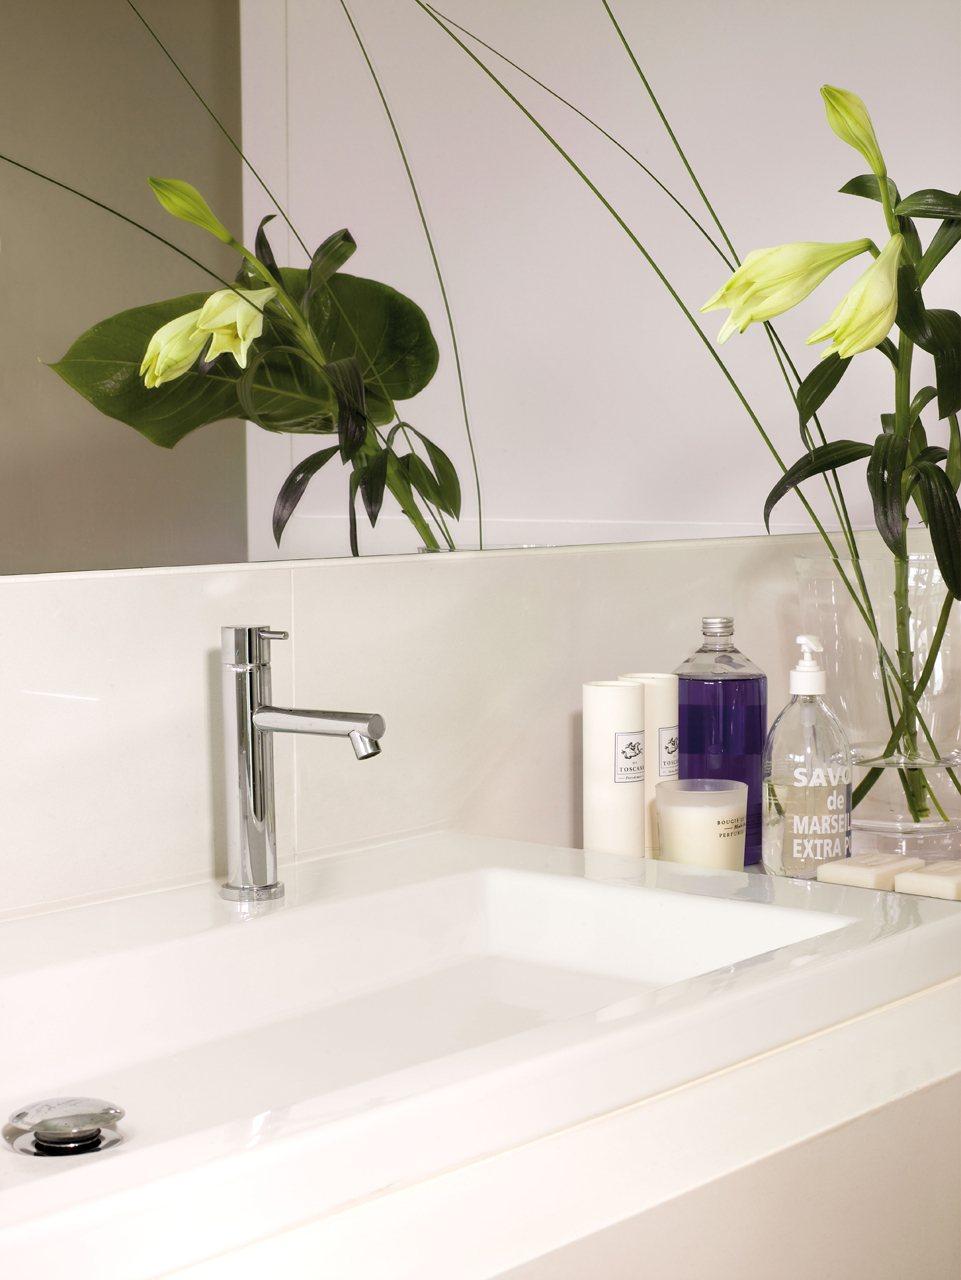 Baño Nuevo Sin Obras:Como tener un baño nuevo sin hacer obras